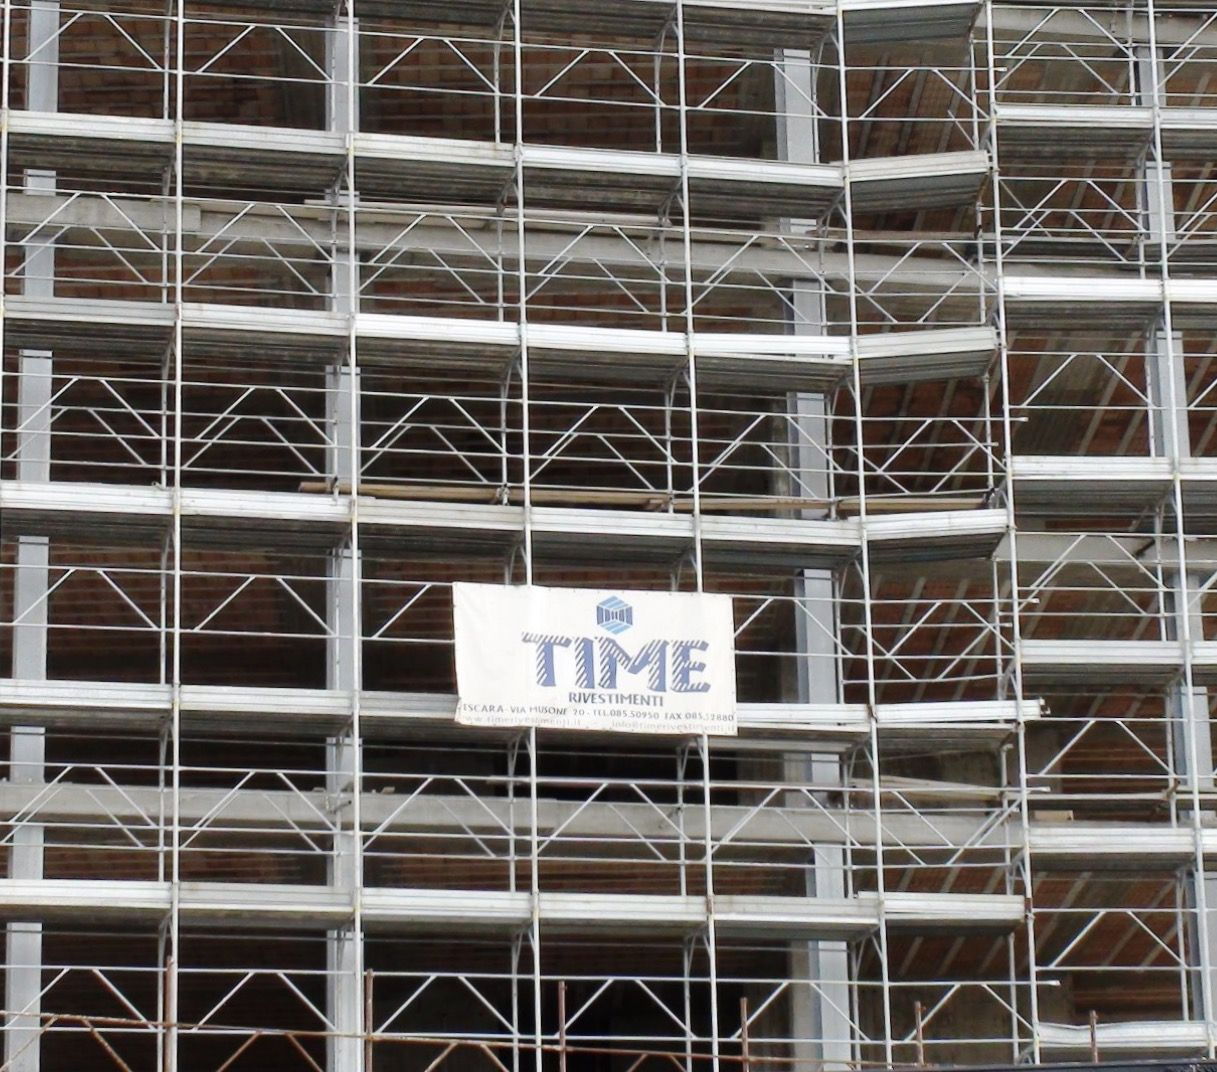 La time rivestimenti fornisce materiali edili per interni for Ristrutturazioni interni roma